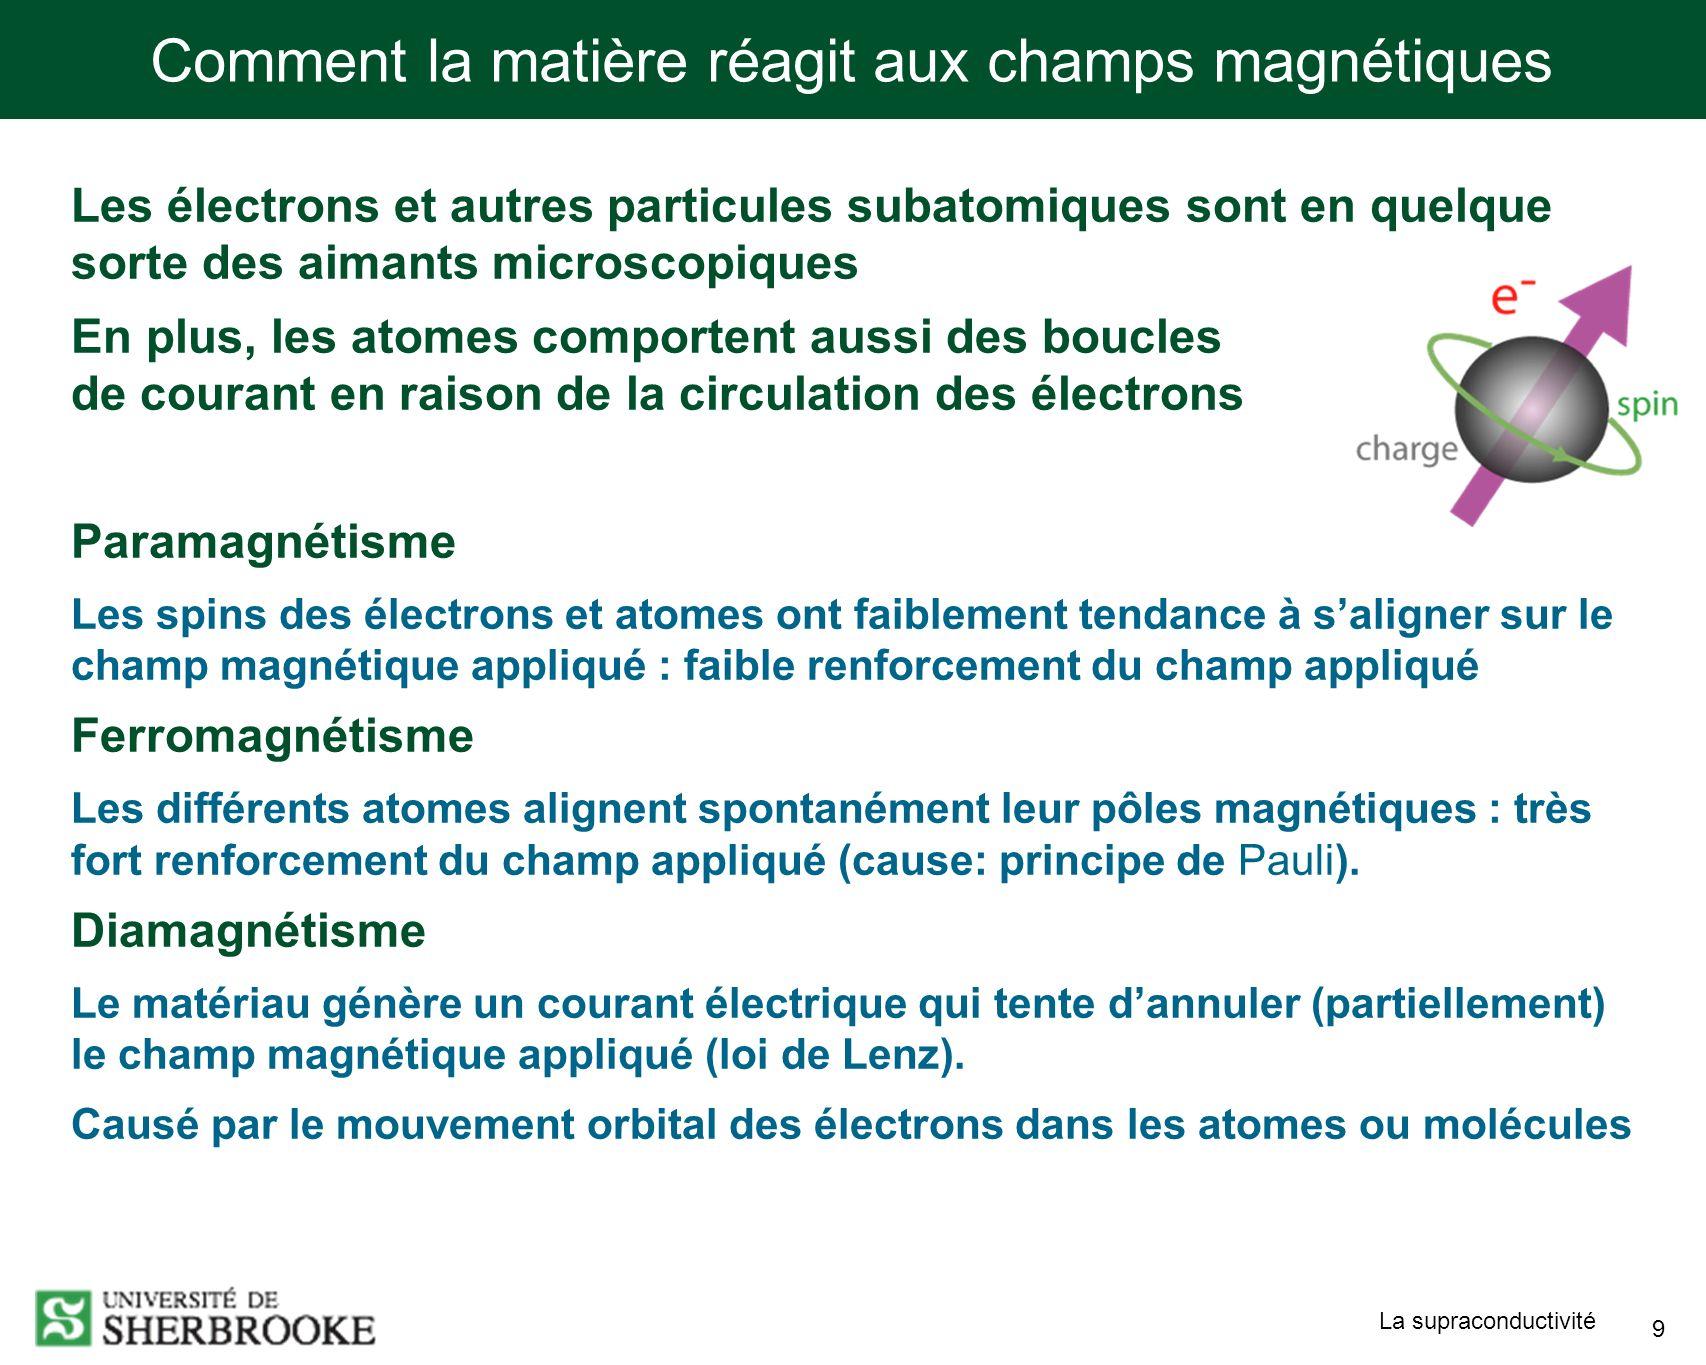 La supraconductivité 9 Comment la matière réagit aux champs magnétiques Les électrons et autres particules subatomiques sont en quelque sorte des aimants microscopiques En plus, les atomes comportent aussi des boucles de courant en raison de la circulation des électrons Paramagnétisme Les spins des électrons et atomes ont faiblement tendance à saligner sur le champ magnétique appliqué : faible renforcement du champ appliqué Ferromagnétisme Les différents atomes alignent spontanément leur pôles magnétiques : très fort renforcement du champ appliqué (cause: principe de Pauli).